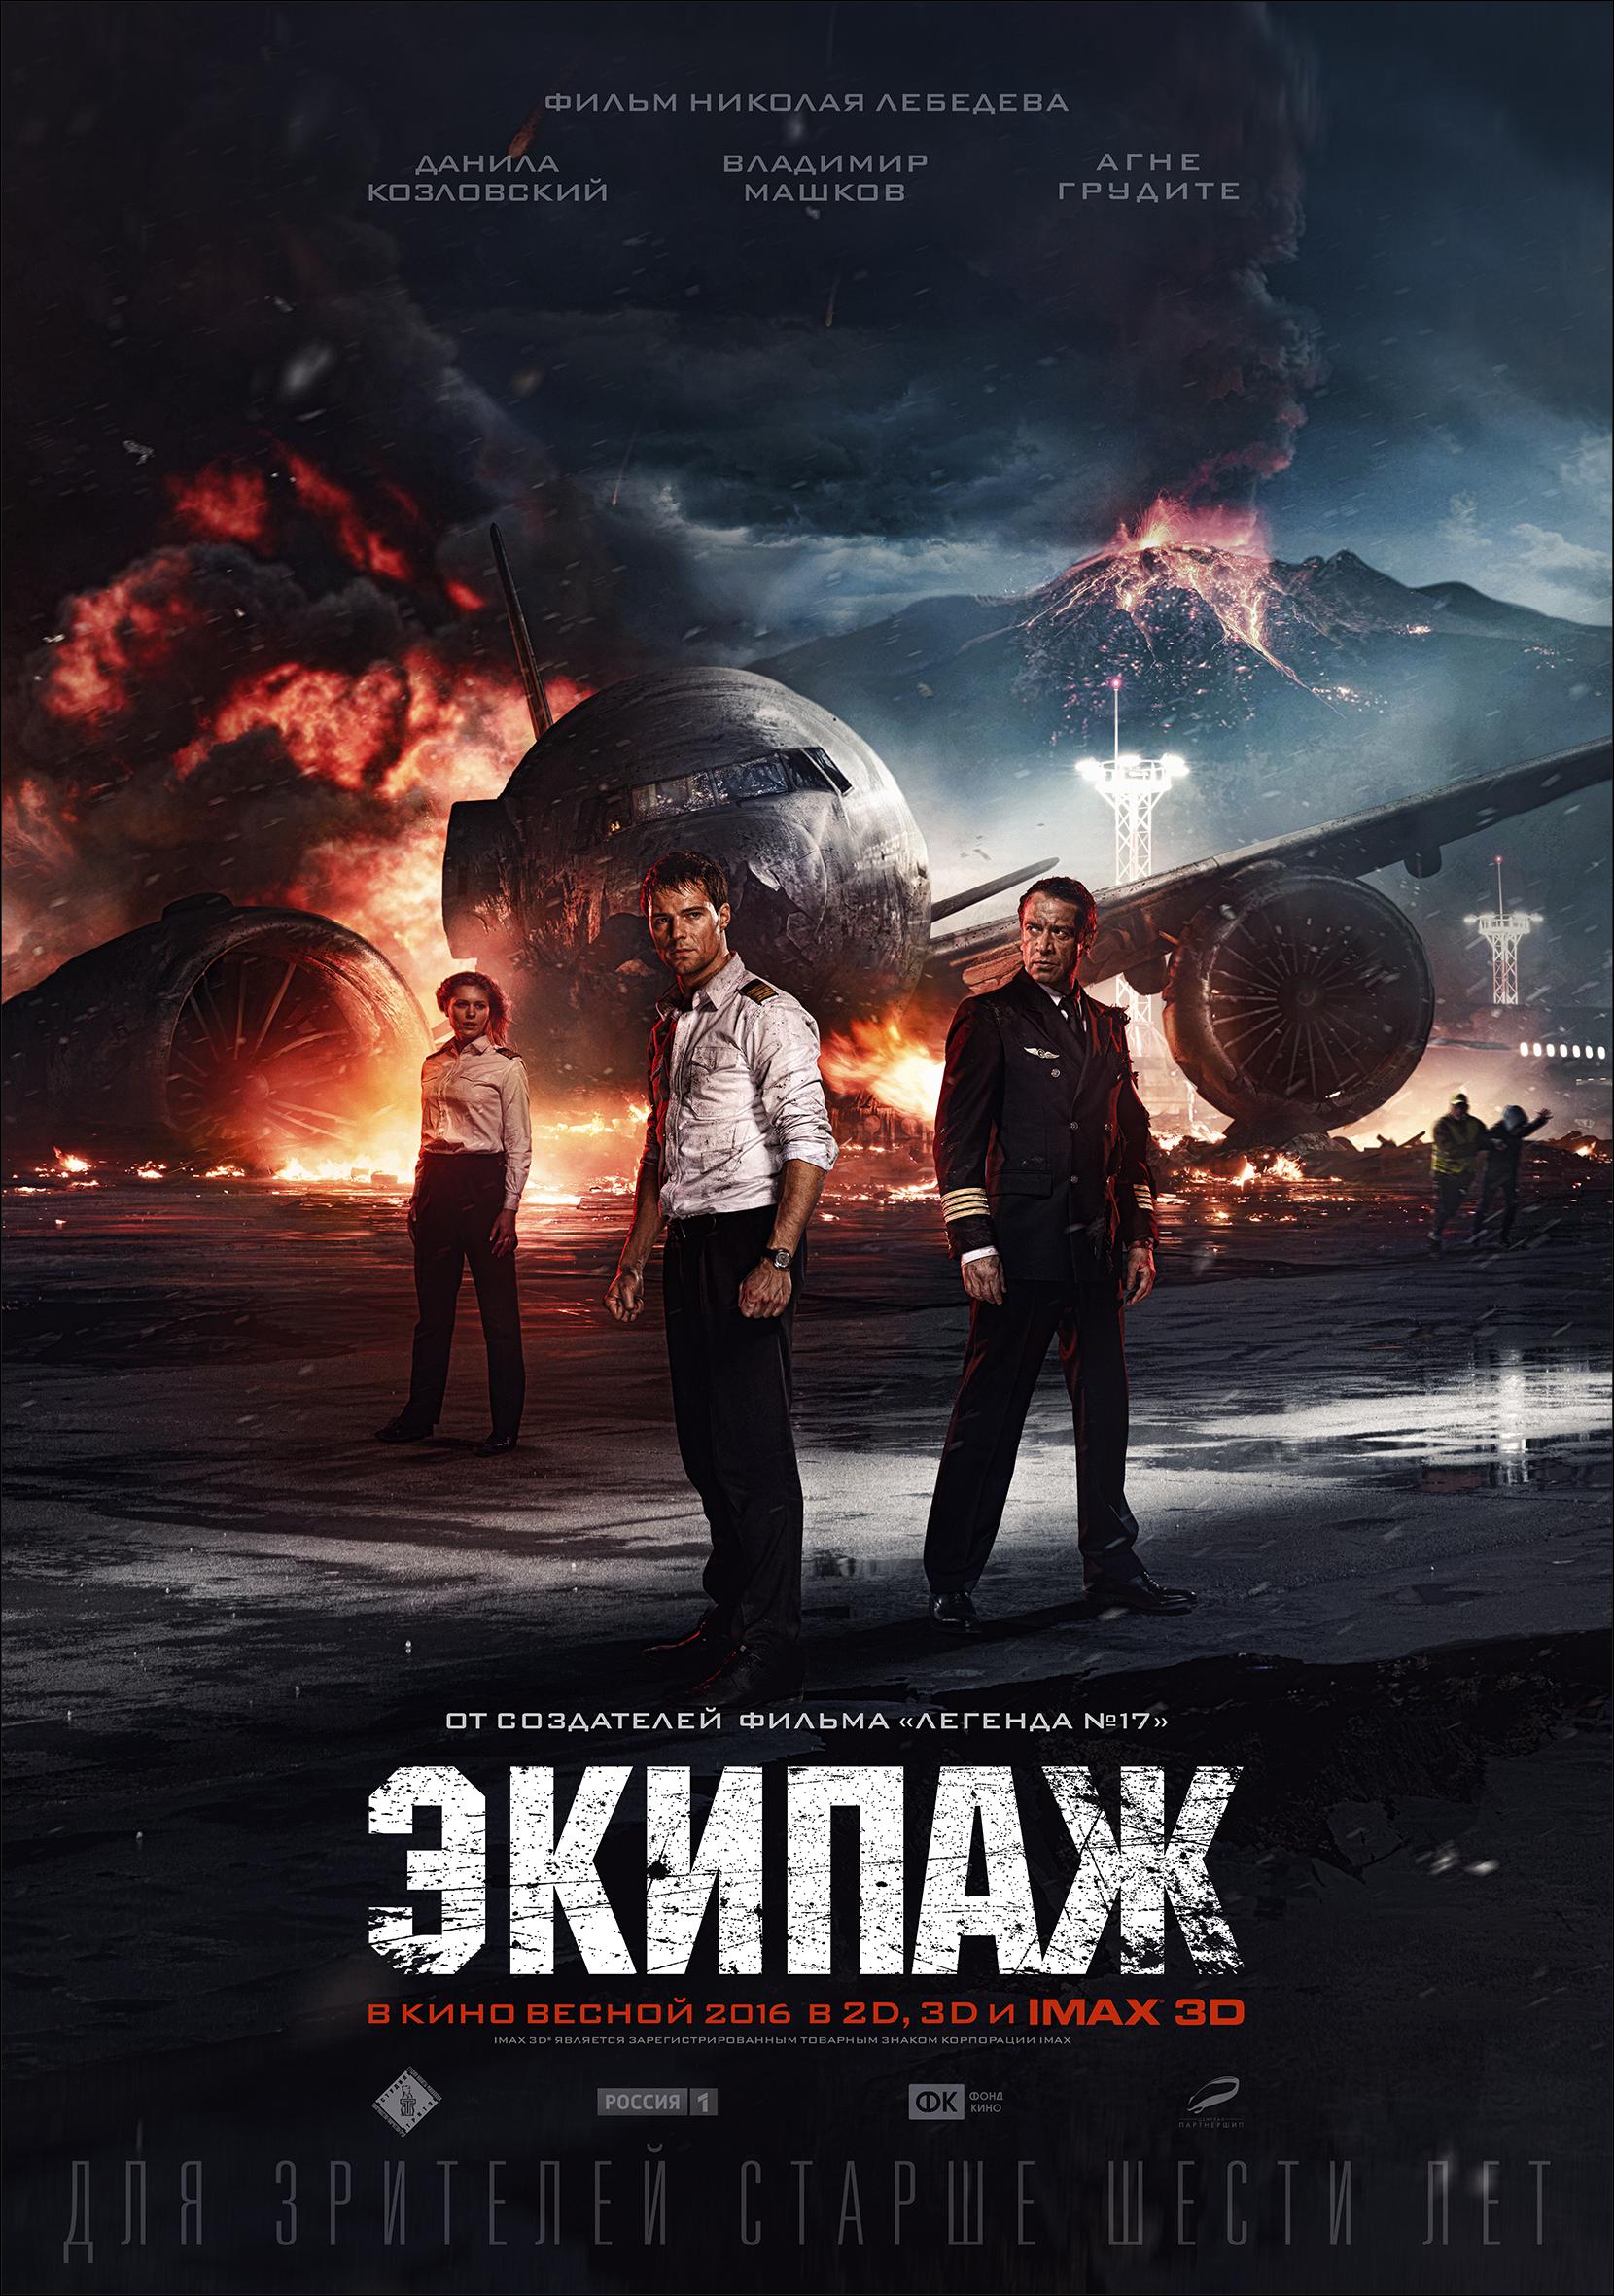 Фильм люси похожие фильмы смотреть хорошем качестве hd 720